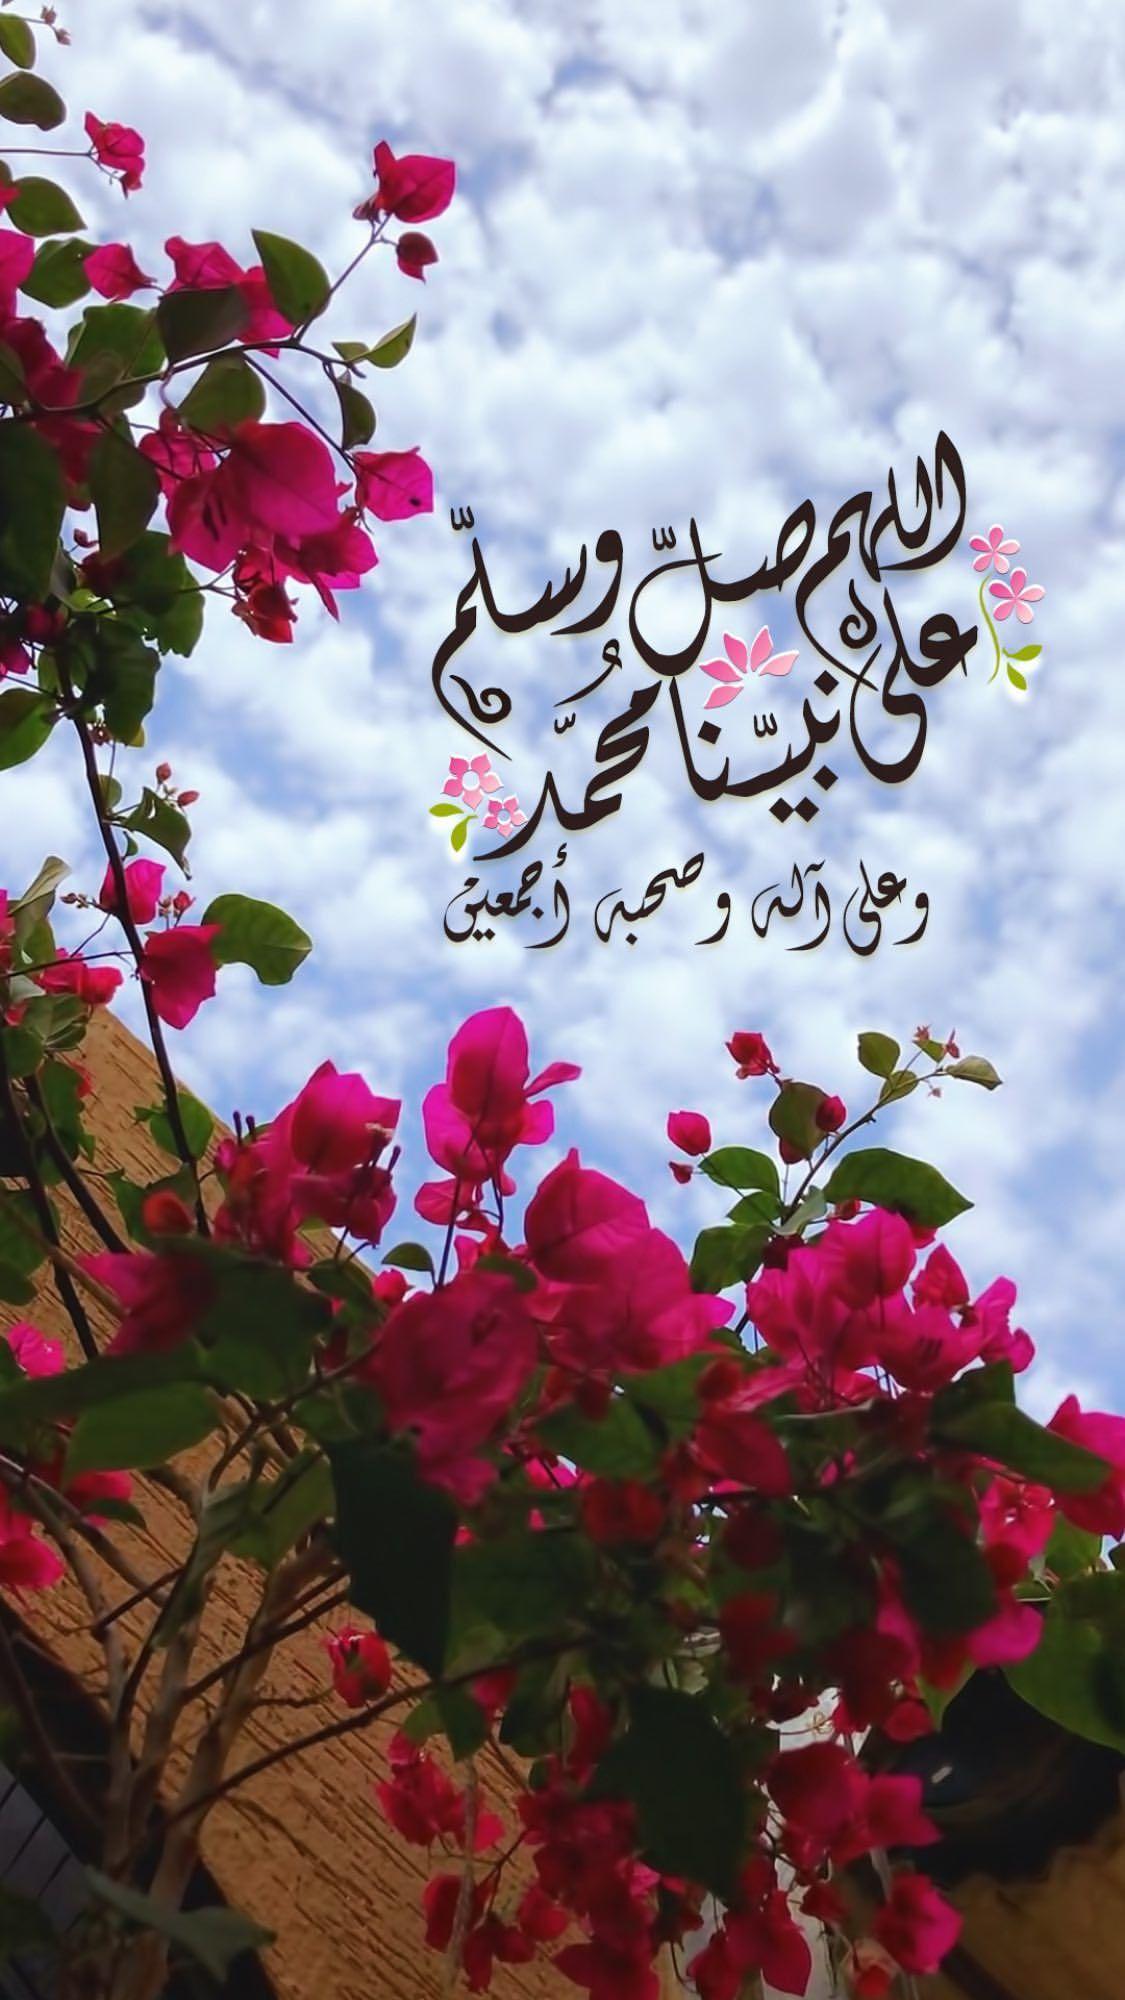 اللهم صل وسلم على نبينا محمد وعلى آله وصحبه أجمعين In 2021 Islamic Calligraphy Painting Ramadan Gifts Islamic Calligraphy